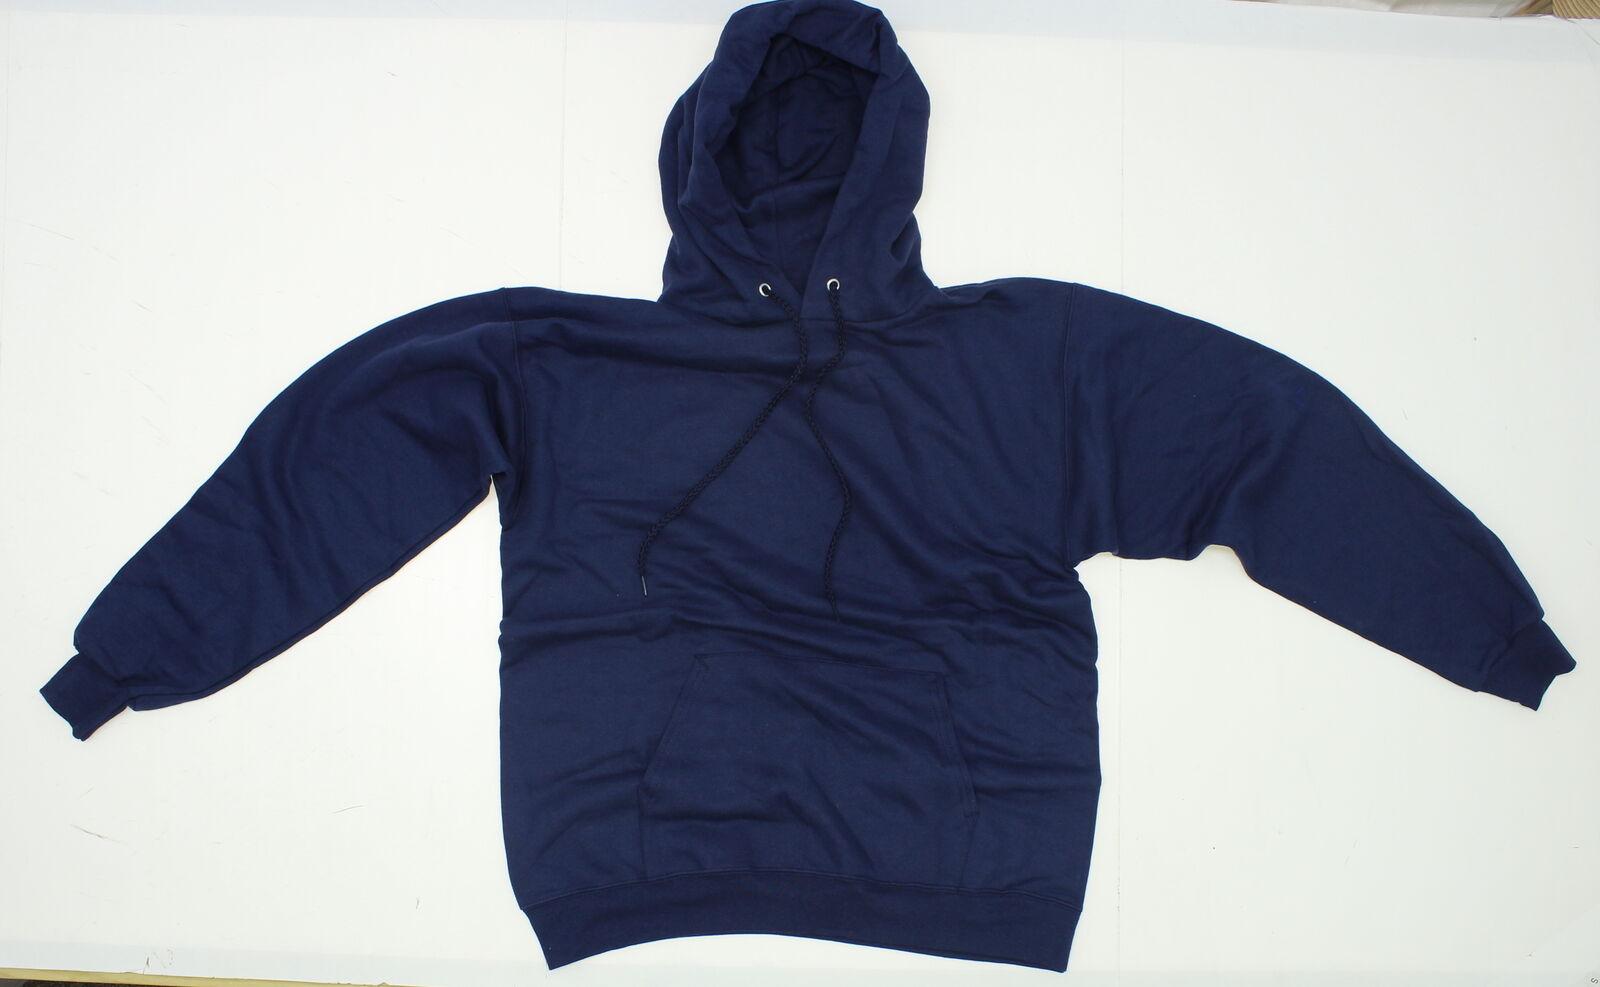 nEW Hanes Ultimate Cotton Mens Hoodie Hooded Sweatshirt Blue